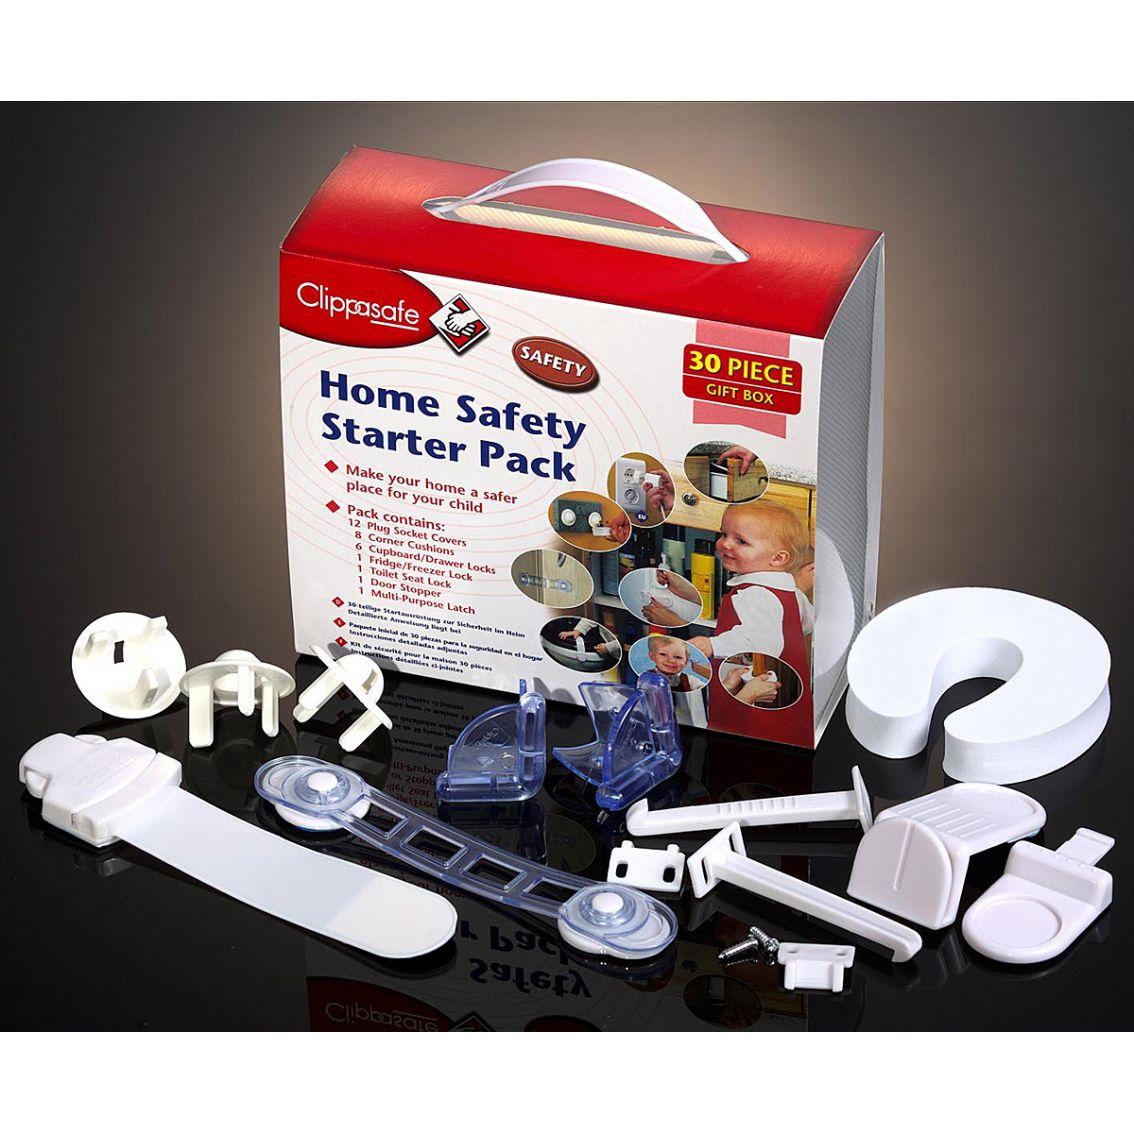 clippasafe home safety starter pack turvatuotteiden. Black Bedroom Furniture Sets. Home Design Ideas